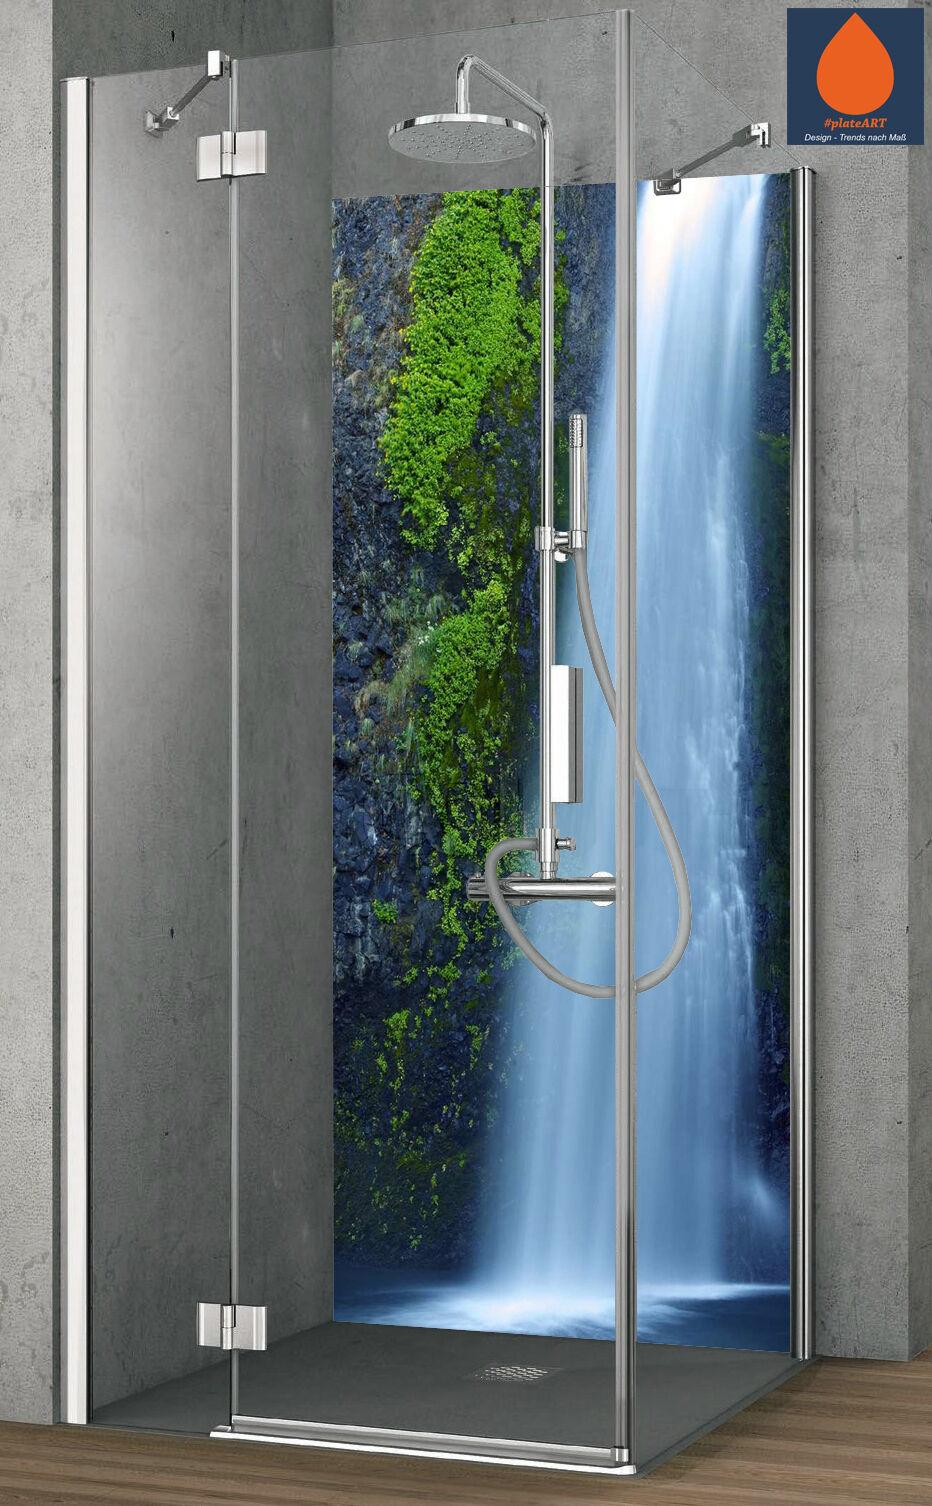 Eck Duschrückwand Rückwand Dusche Alu Fliesenersatz Wasserfall Wasserfall Wasserfall Felswand dunkel 1c07e2